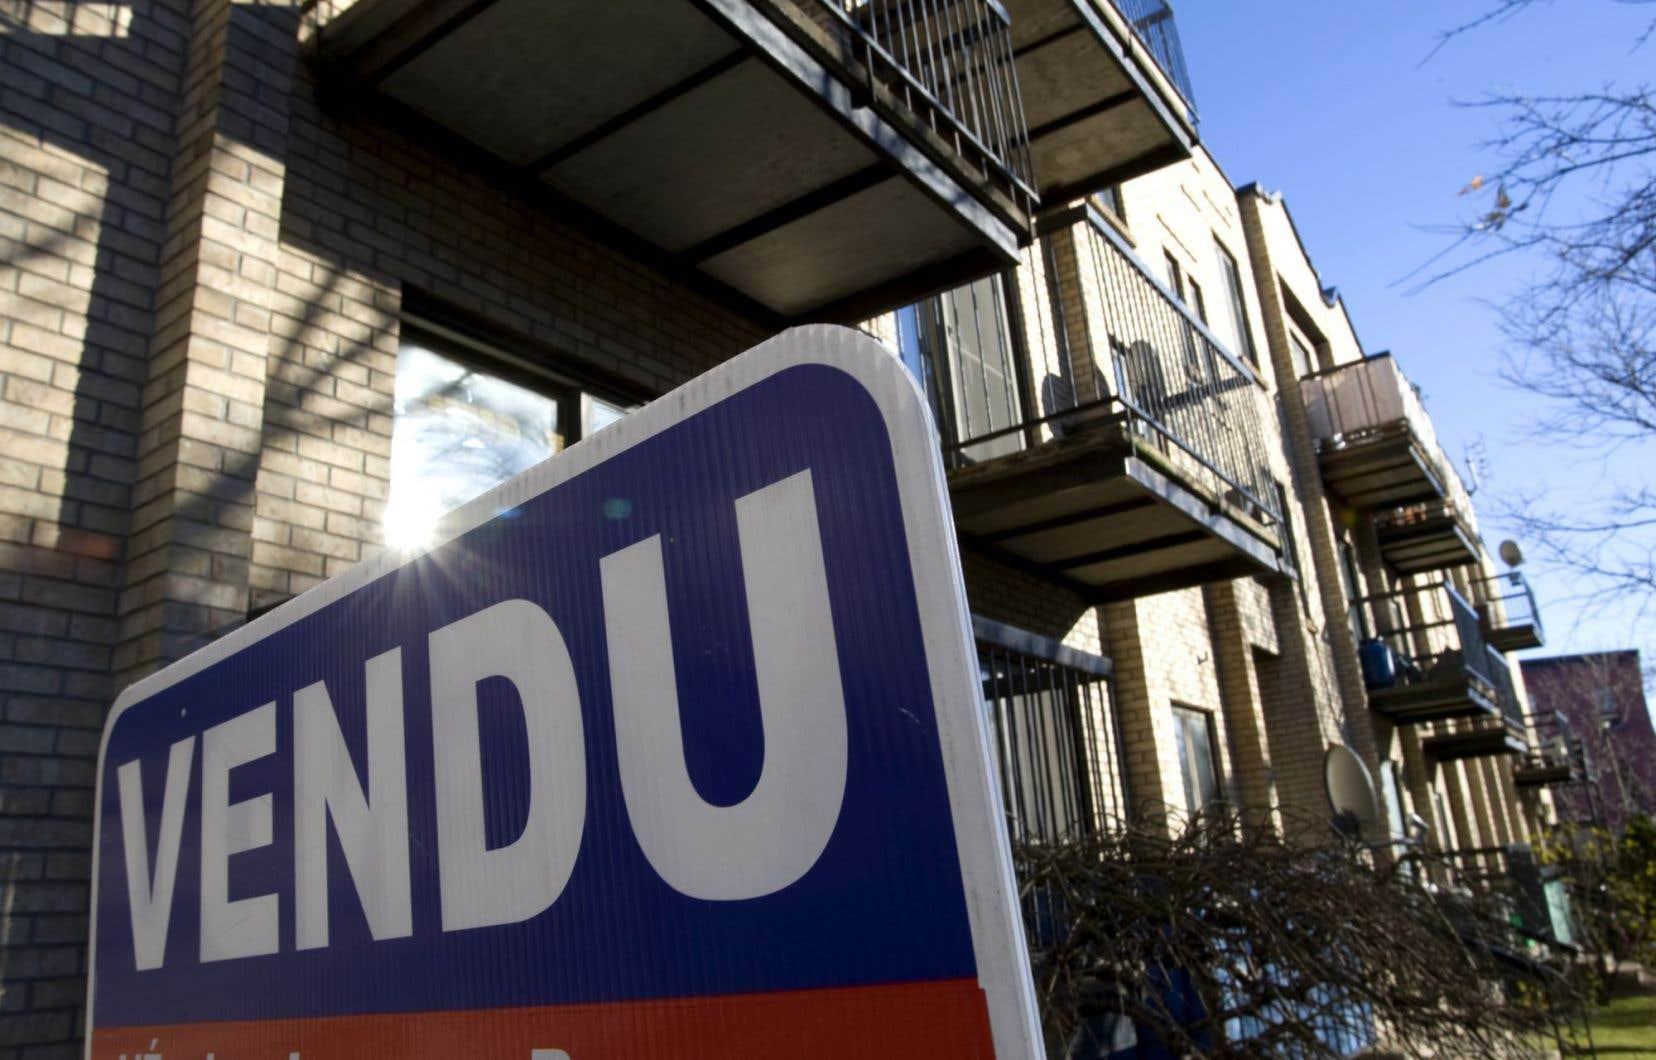 Toutes les régions métropolitaines de recensement, à l'exception de Saguenay, ont connu une croissance de l'activité immobilière.